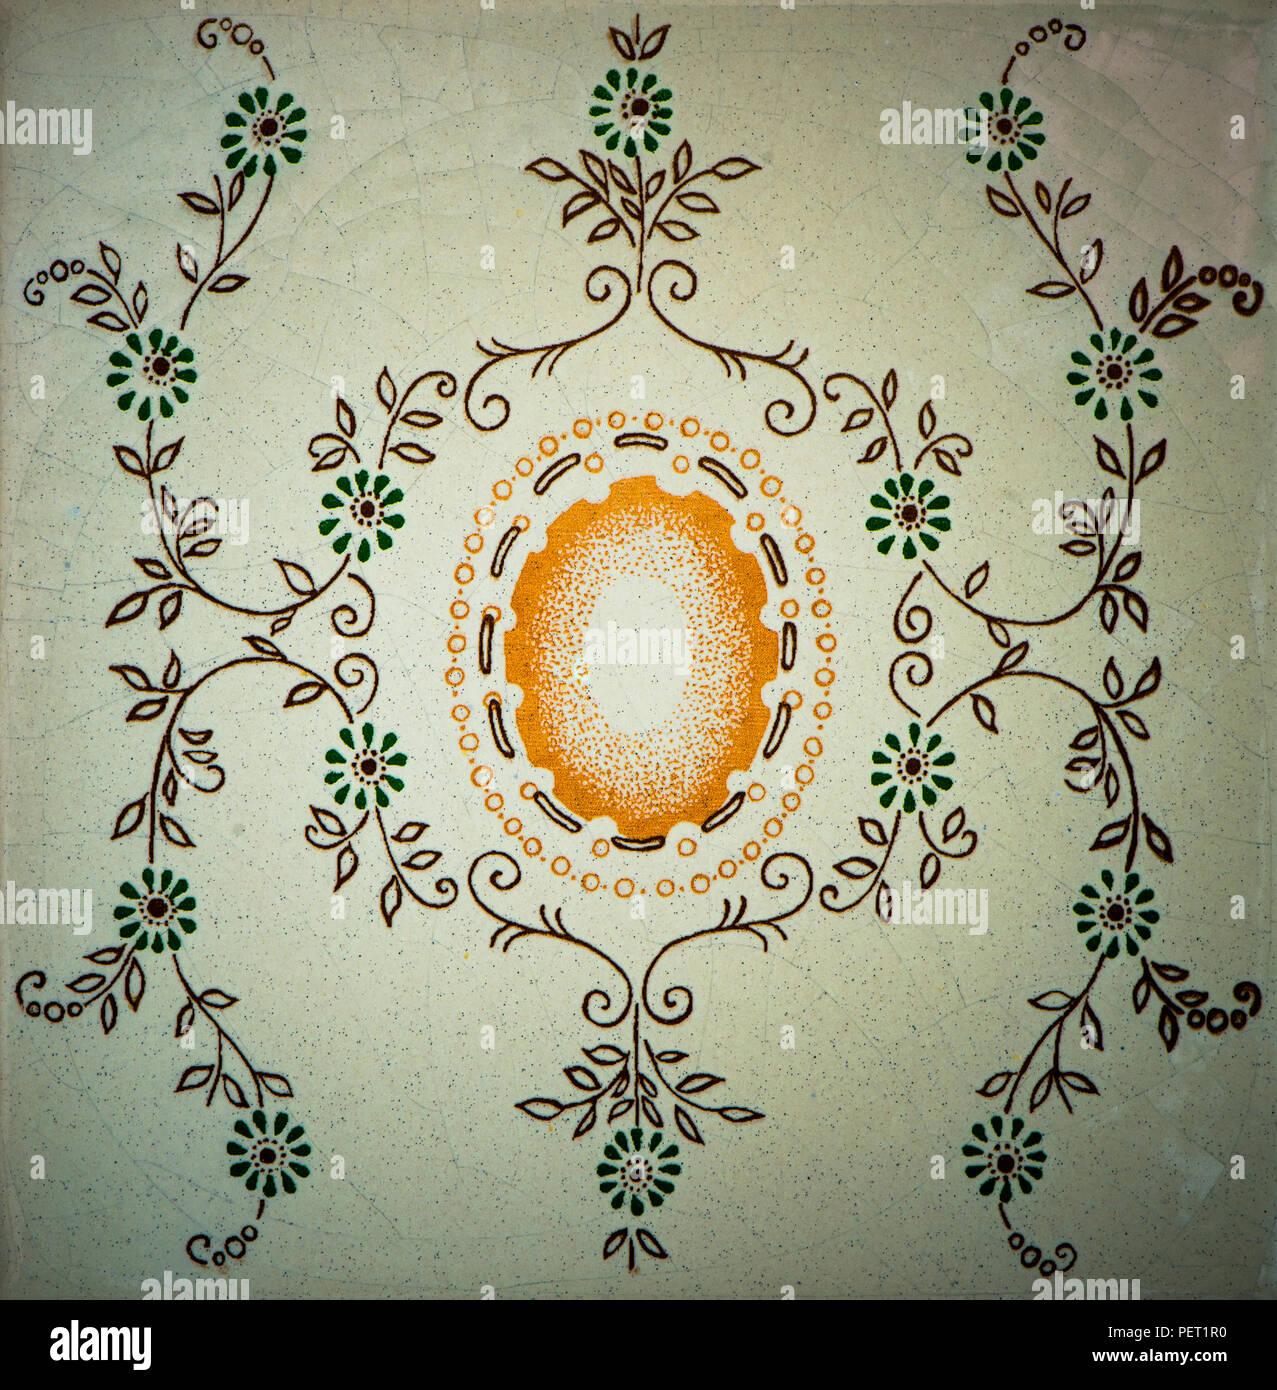 Dibujado a mano en el diseño de baldosas cerámicas por viejo autor desconocido (50-60). Imagen De Stock